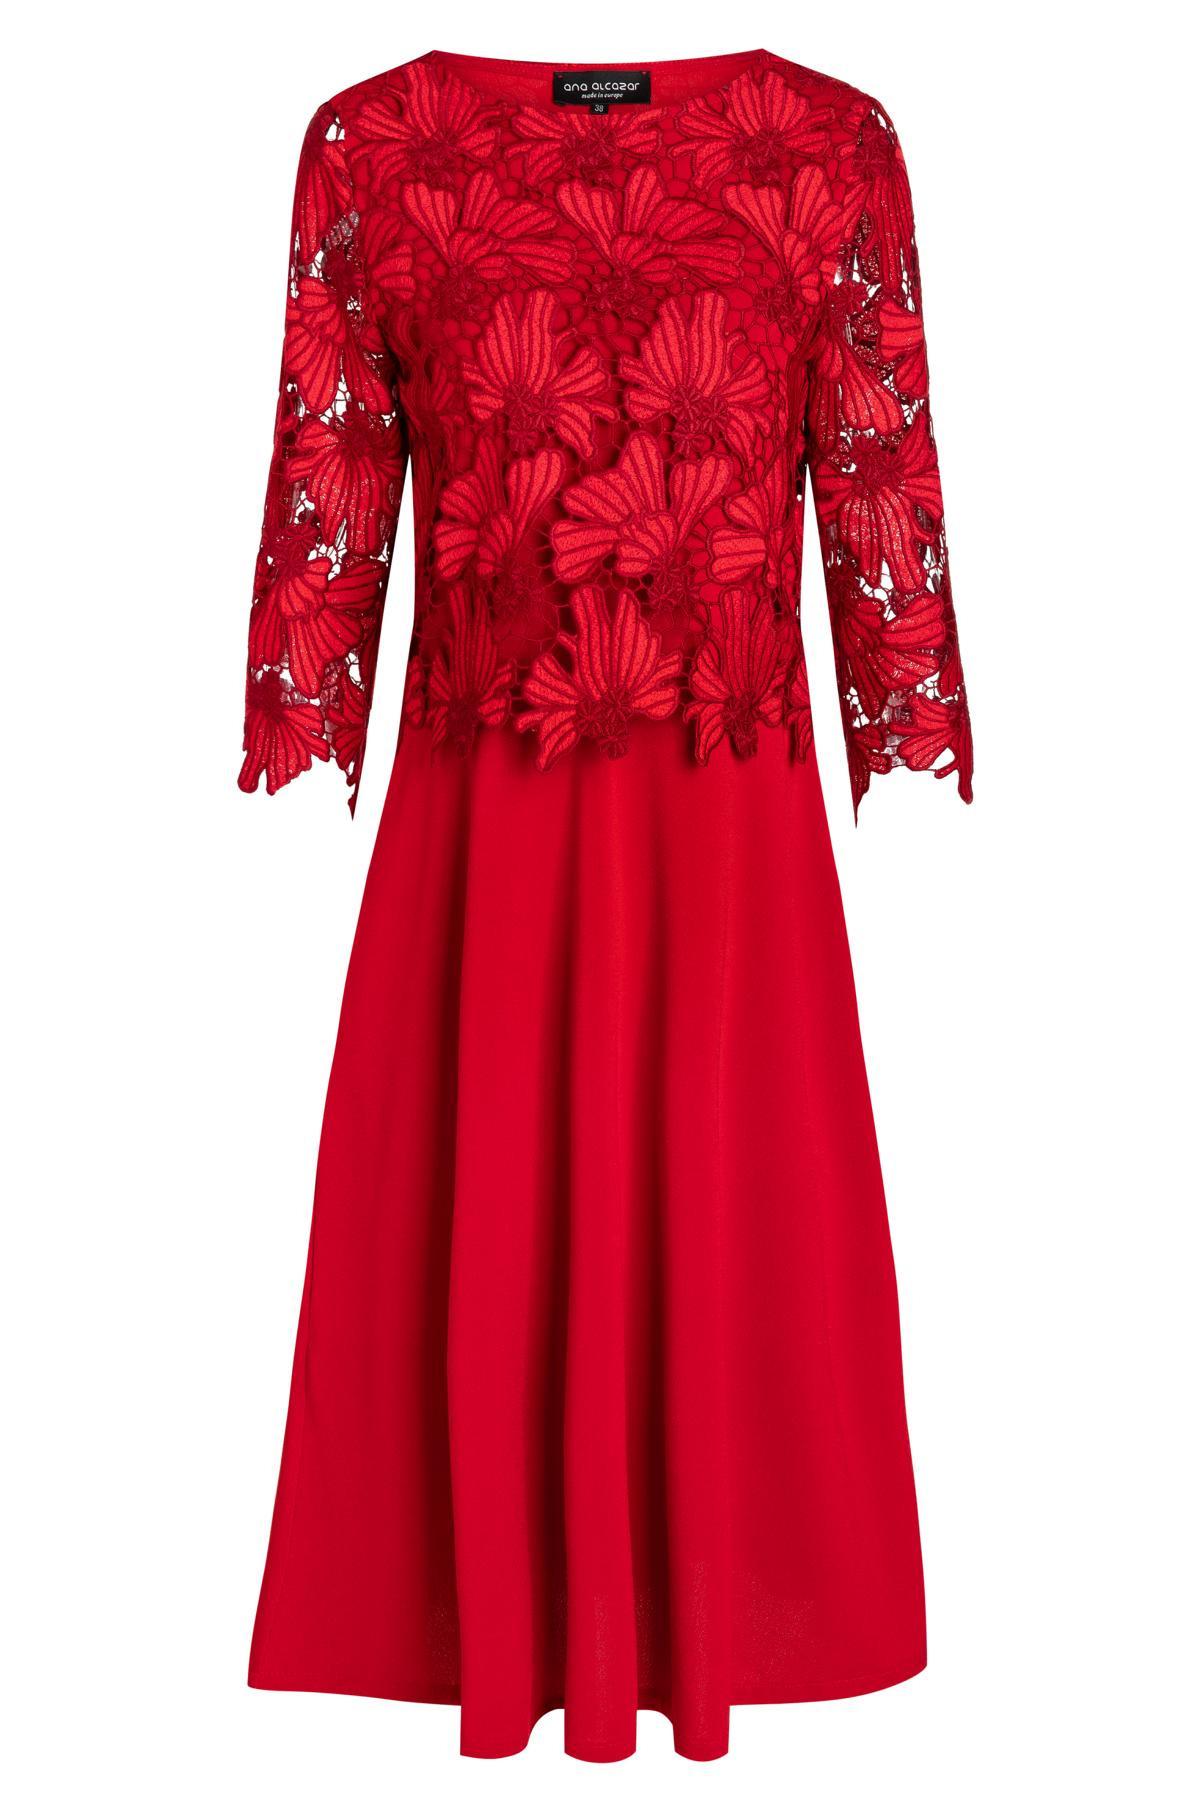 13 Luxurius Rotes Kleid Mit Spitze Bester PreisAbend Schön Rotes Kleid Mit Spitze Vertrieb